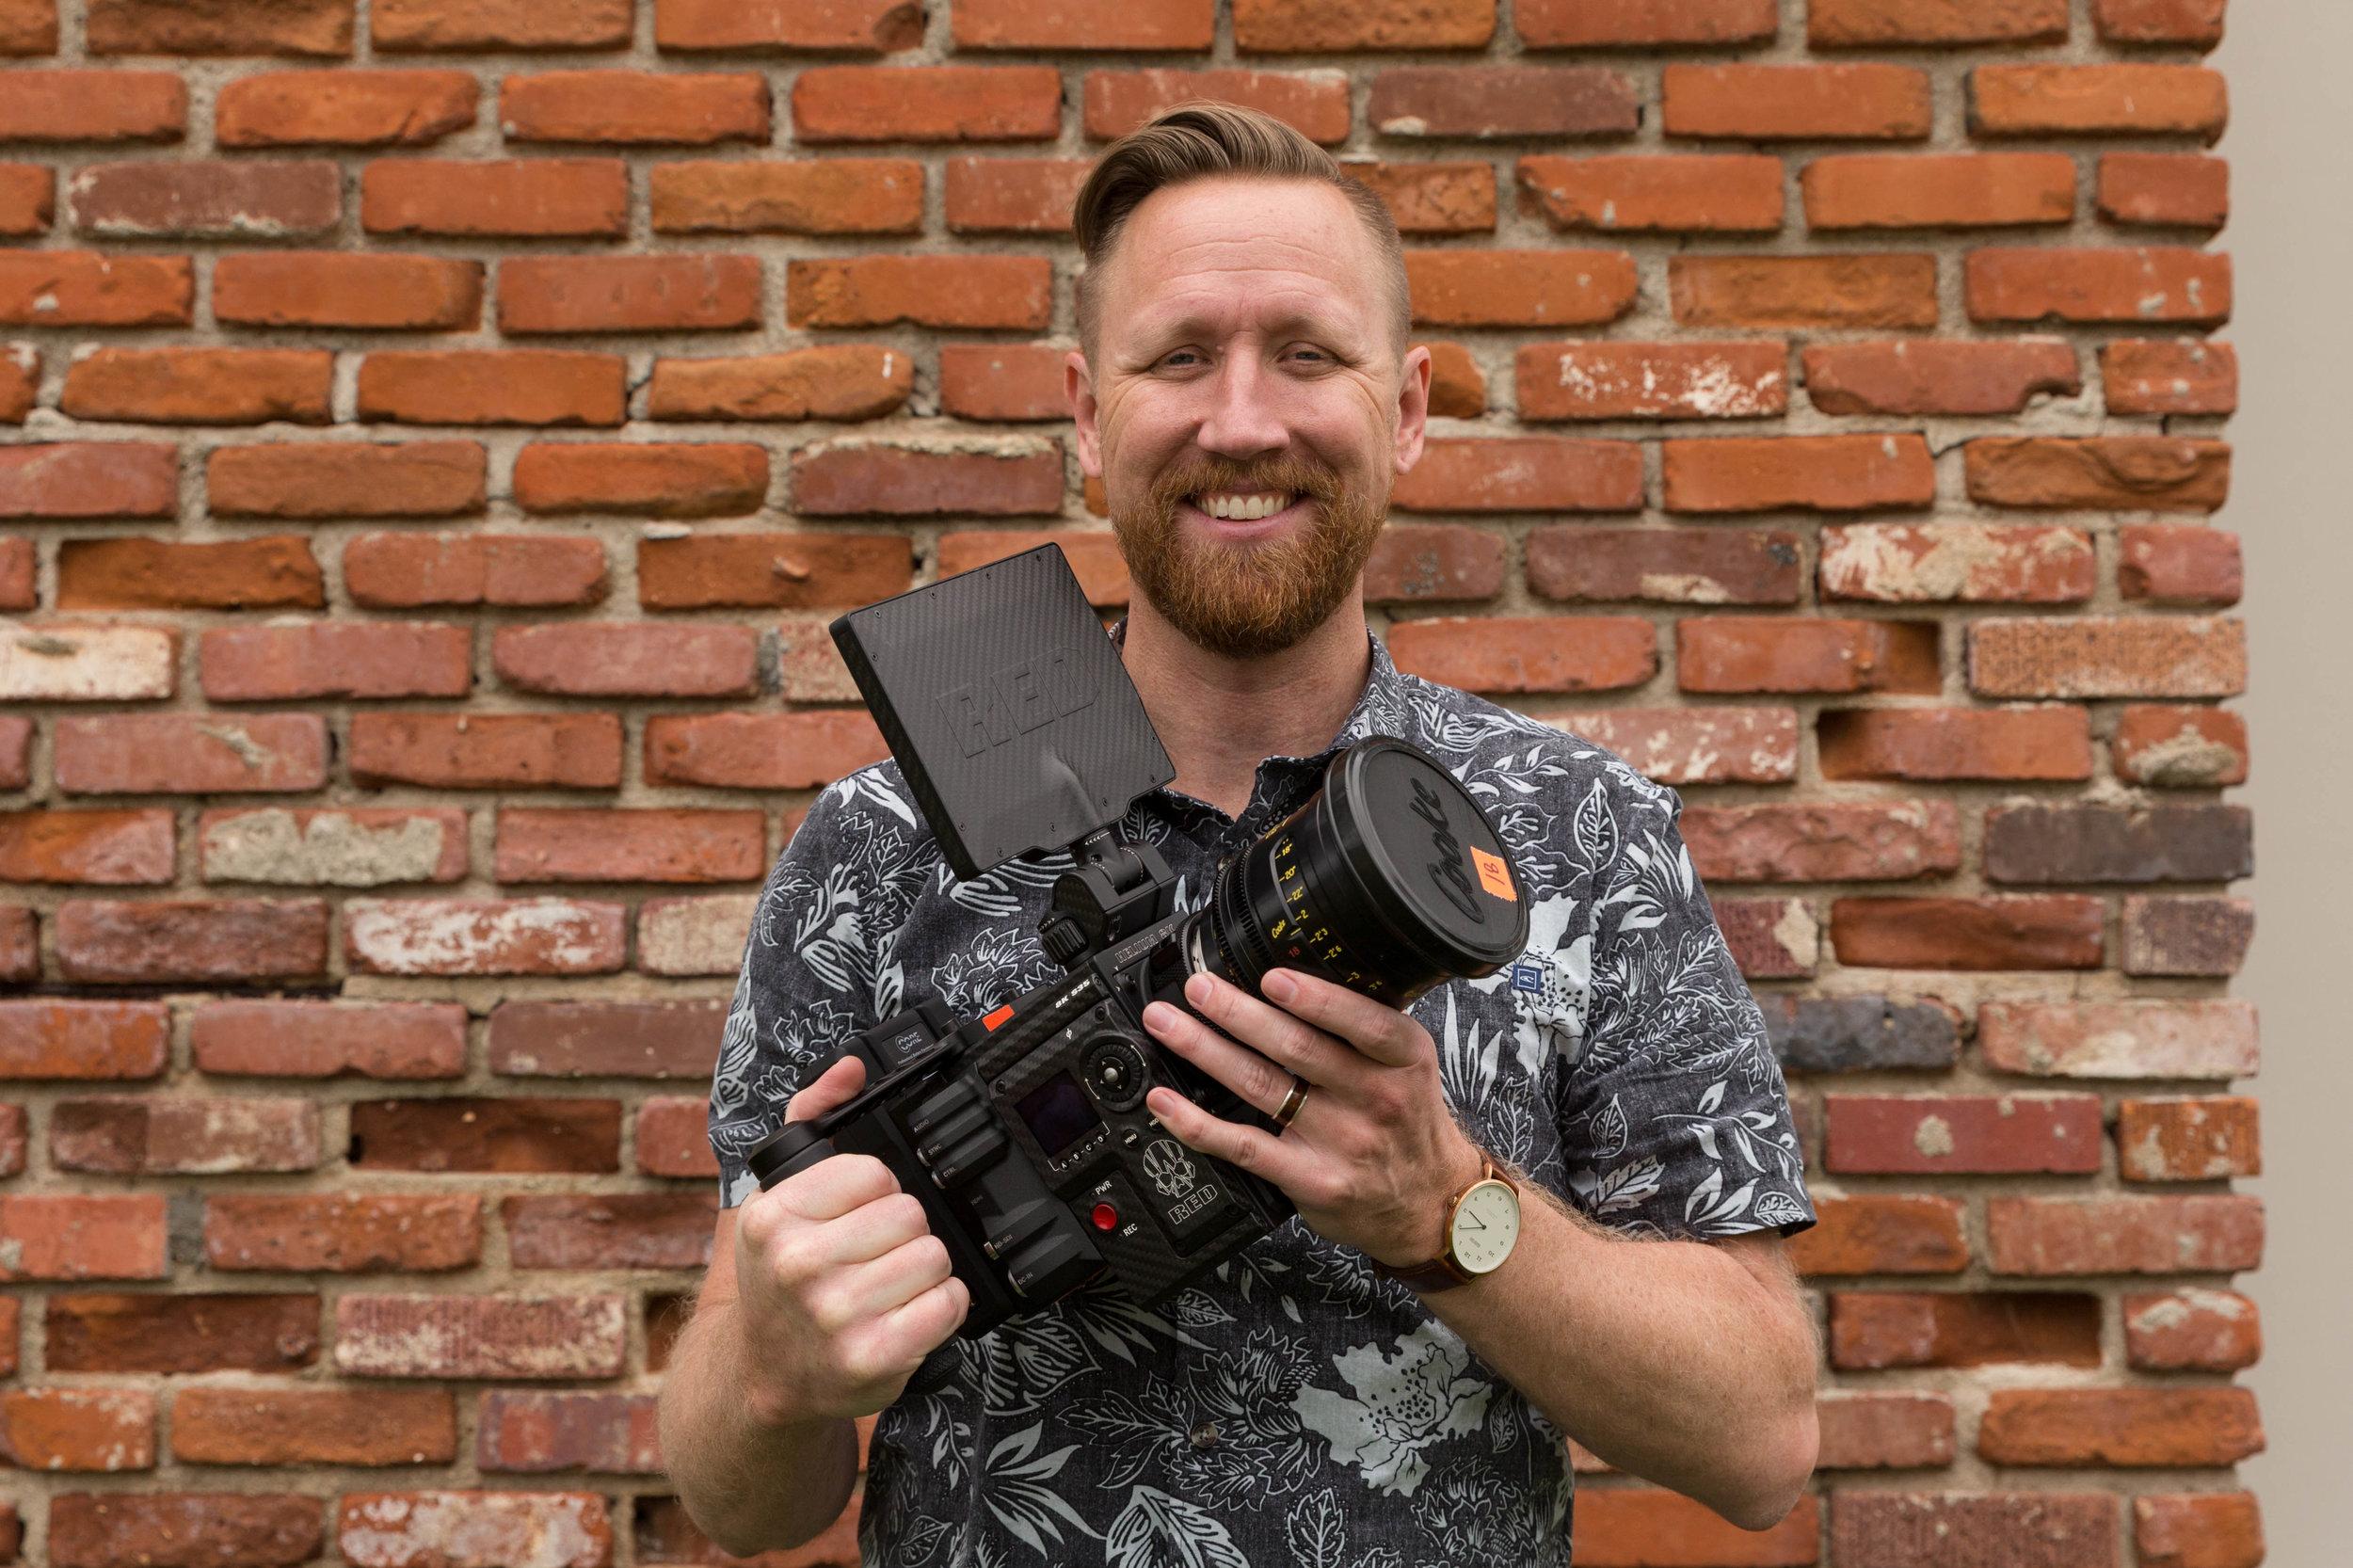 Director + Camera Operator | Cory Hill